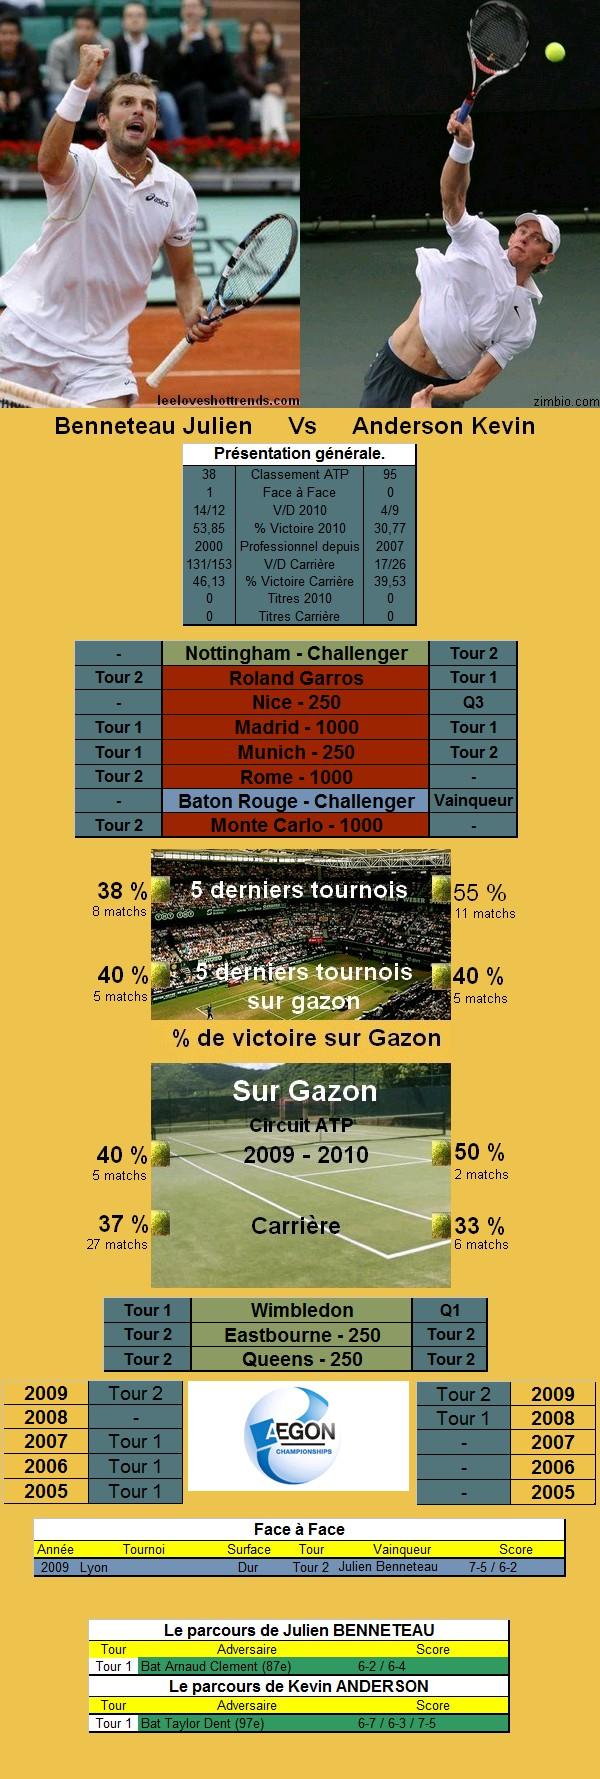 Statistiques tennis de Benneteau contre Anderson à Roland Garros